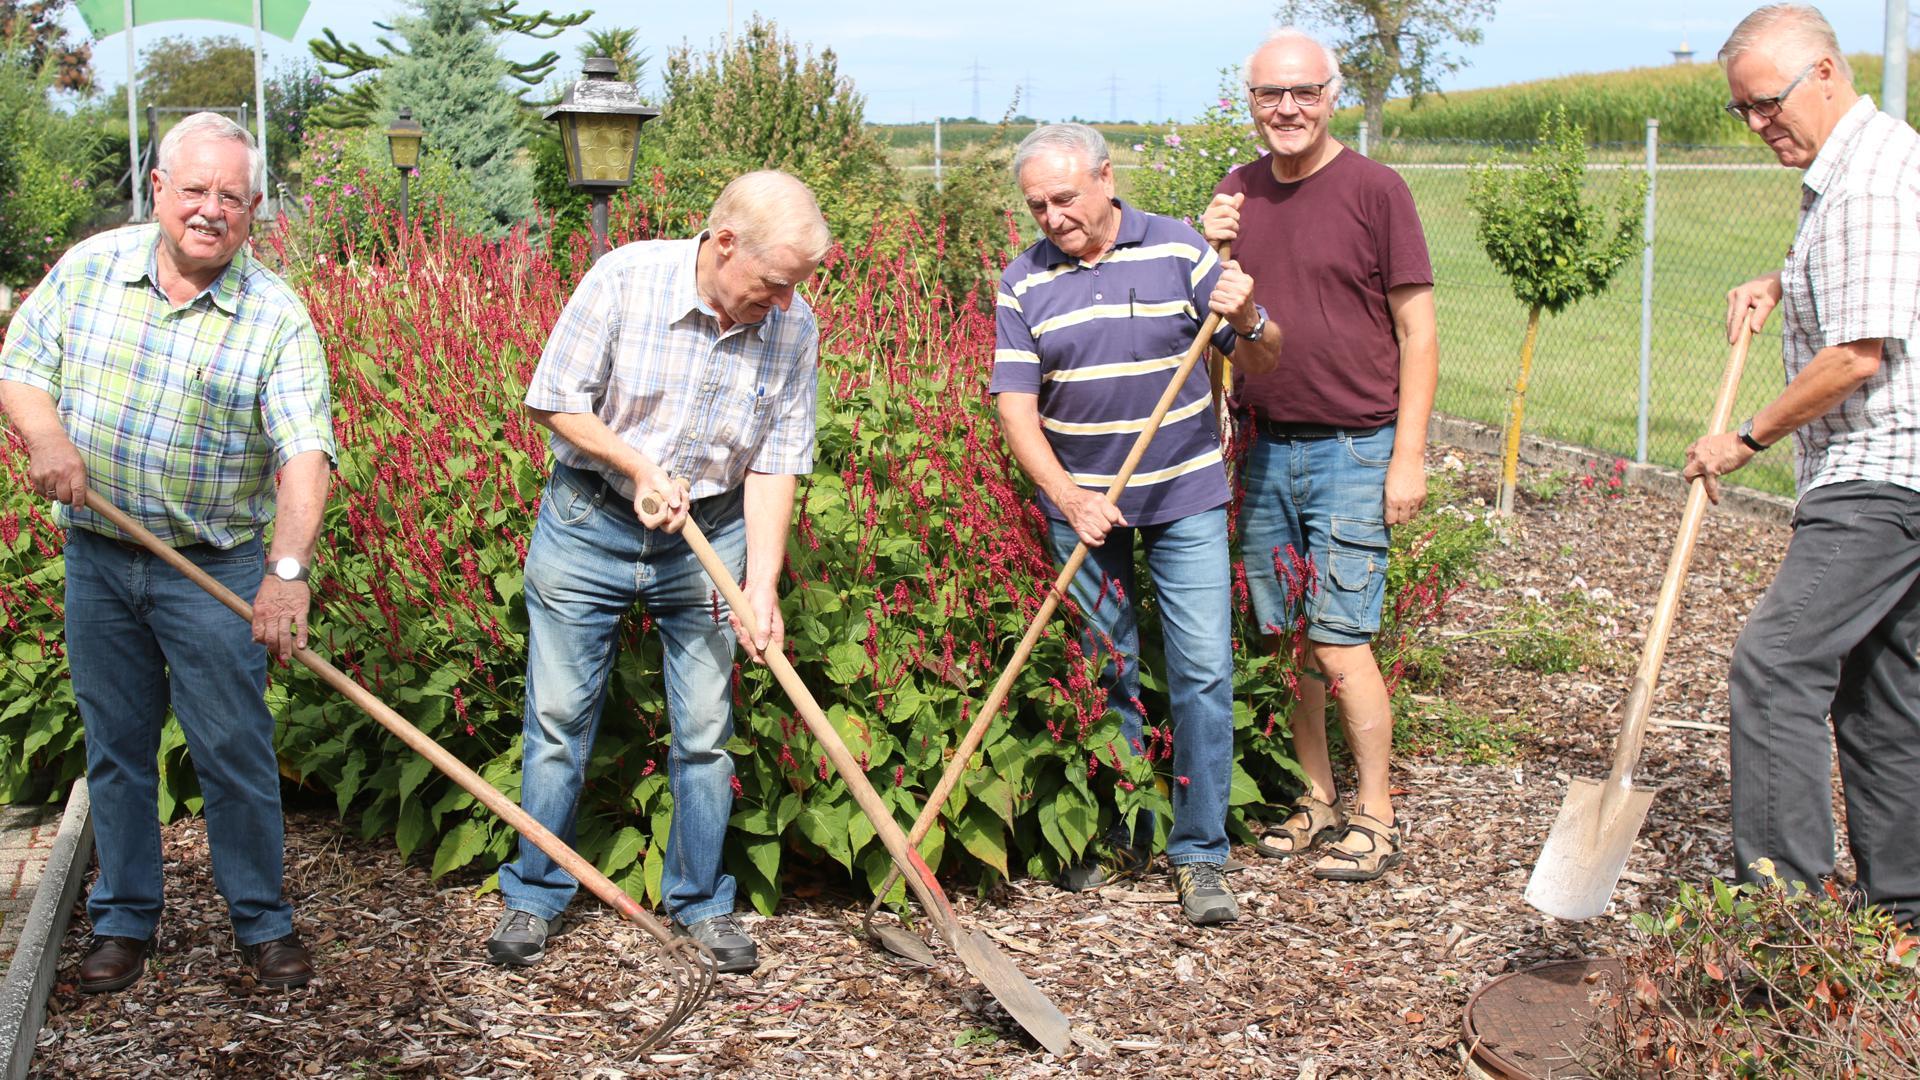 Die Experten des Obst- und Gartenbauvereins Wiesental verzichten schon lange auf Glyphosal und bekämpfen die Unkräuter mit Spaten und Hacke.